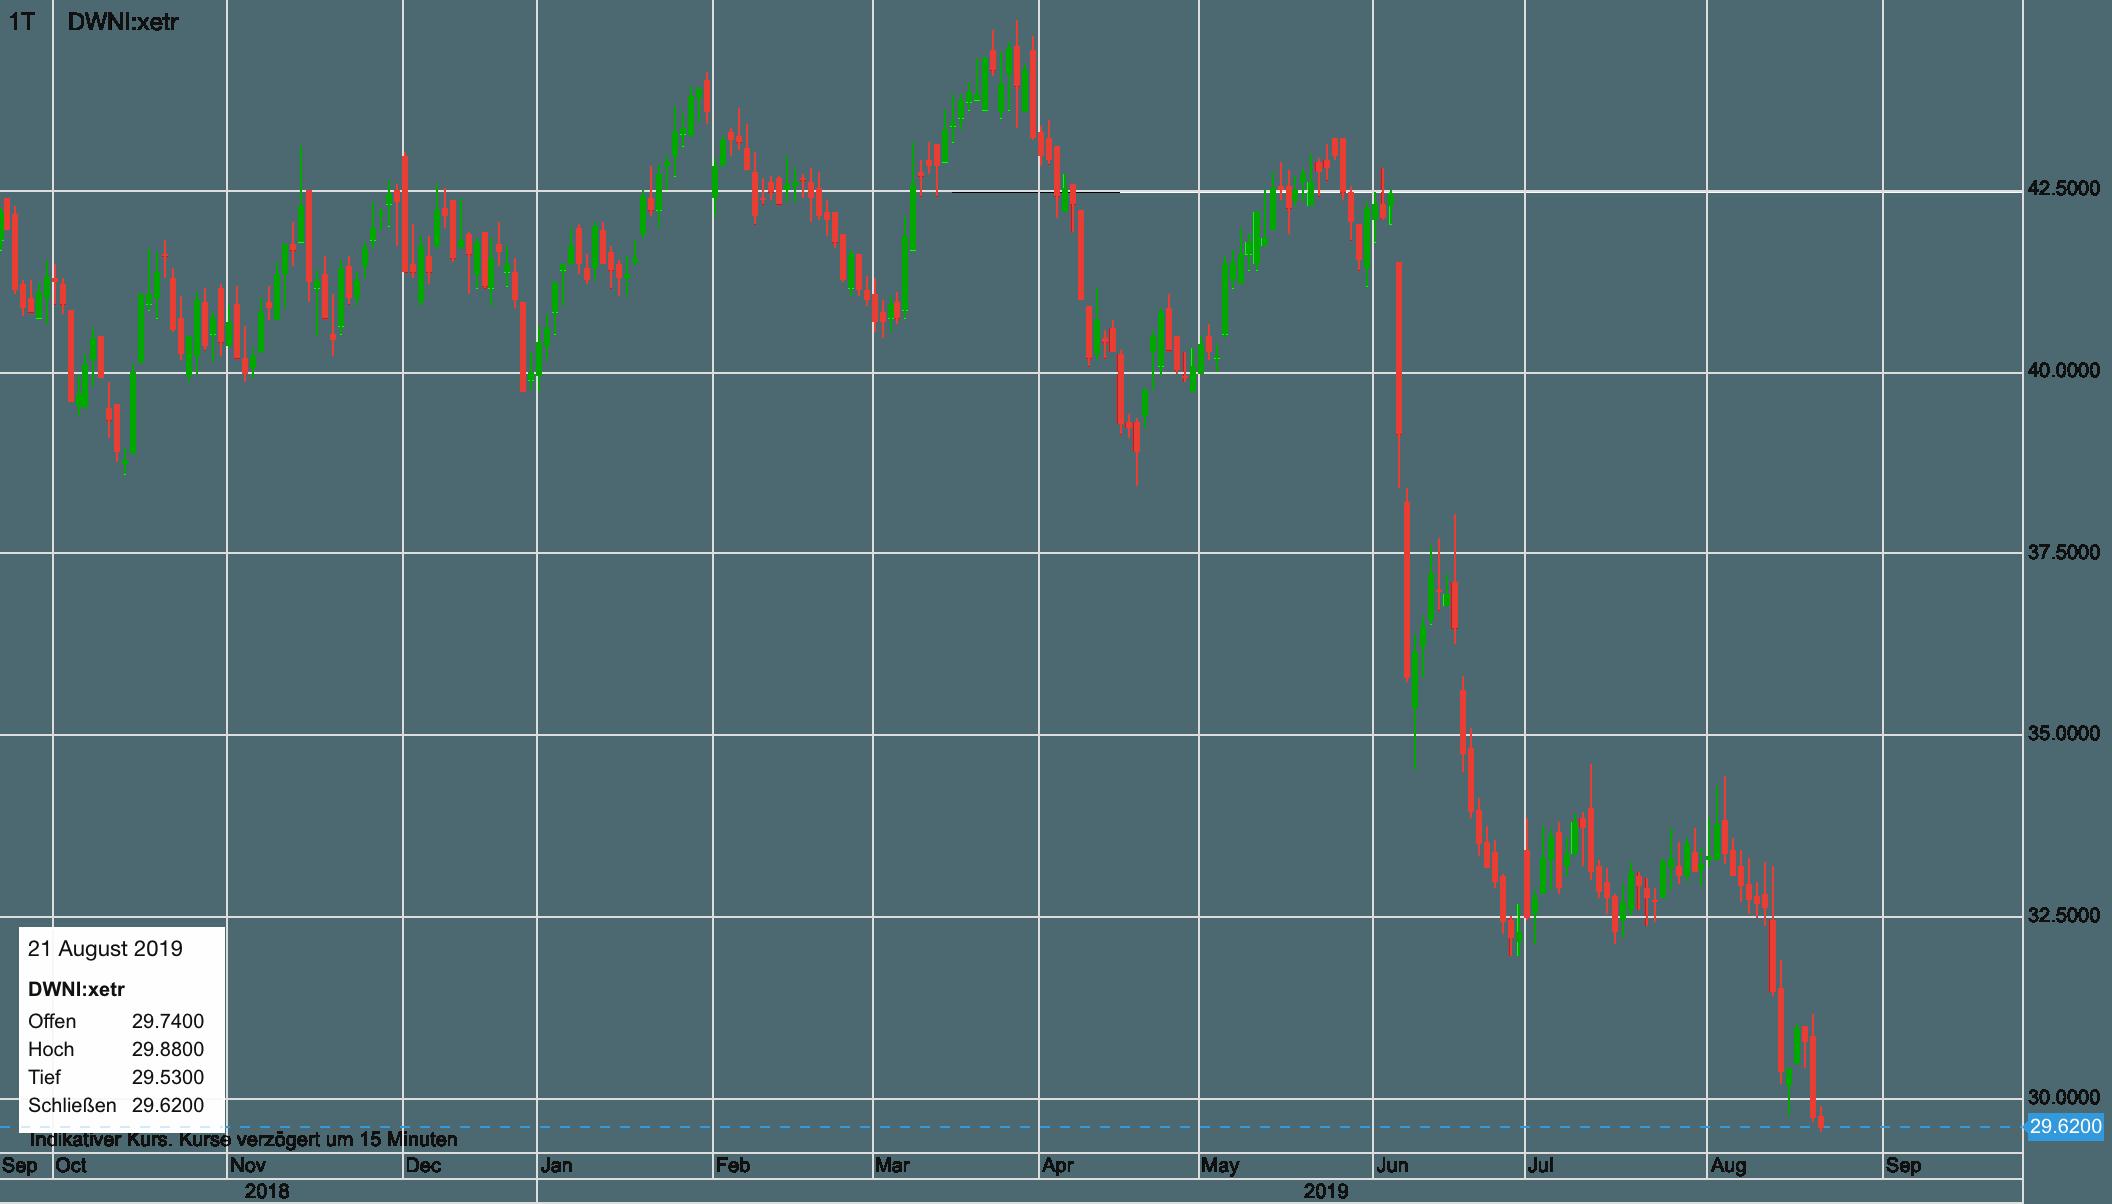 Deutsche Wohnen-Aktie